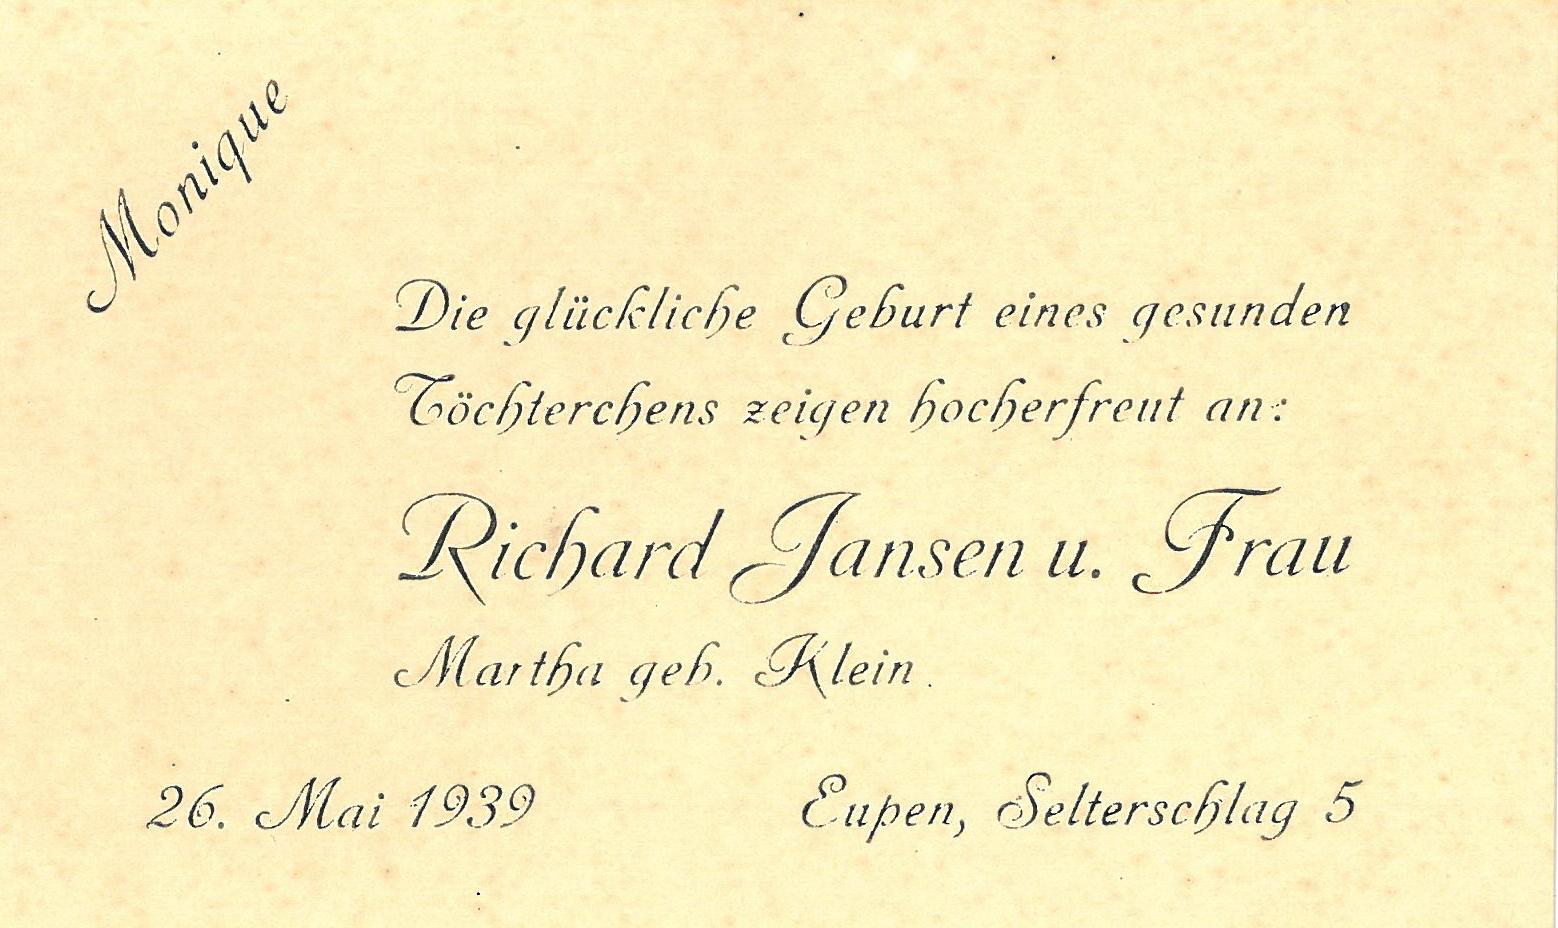 Richard Janssen & Martha Klein